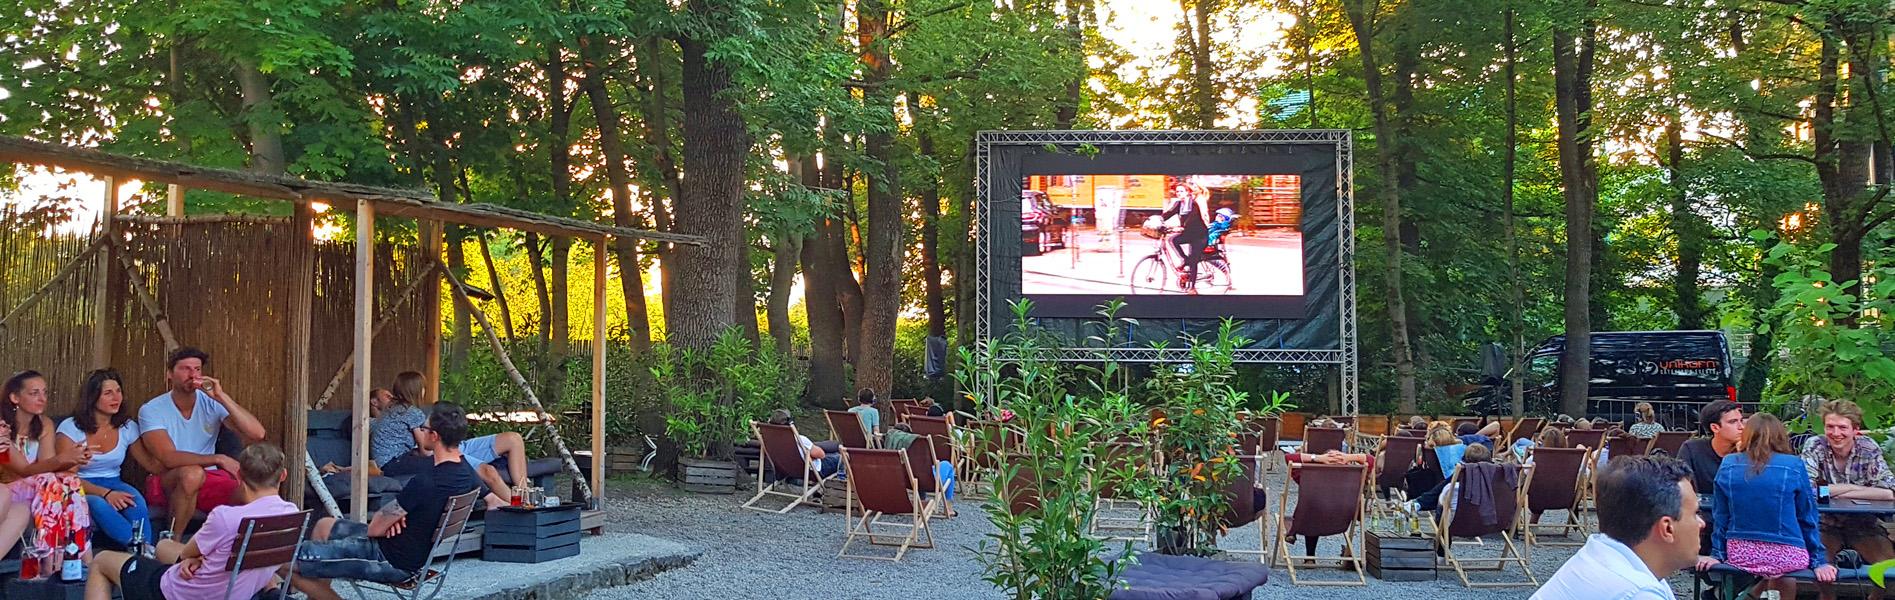 Villa Floras Freiluftgarten-Unikorn Catering & Events-Biergarteen München-Catering München-Open air kino München-Eventlocation München